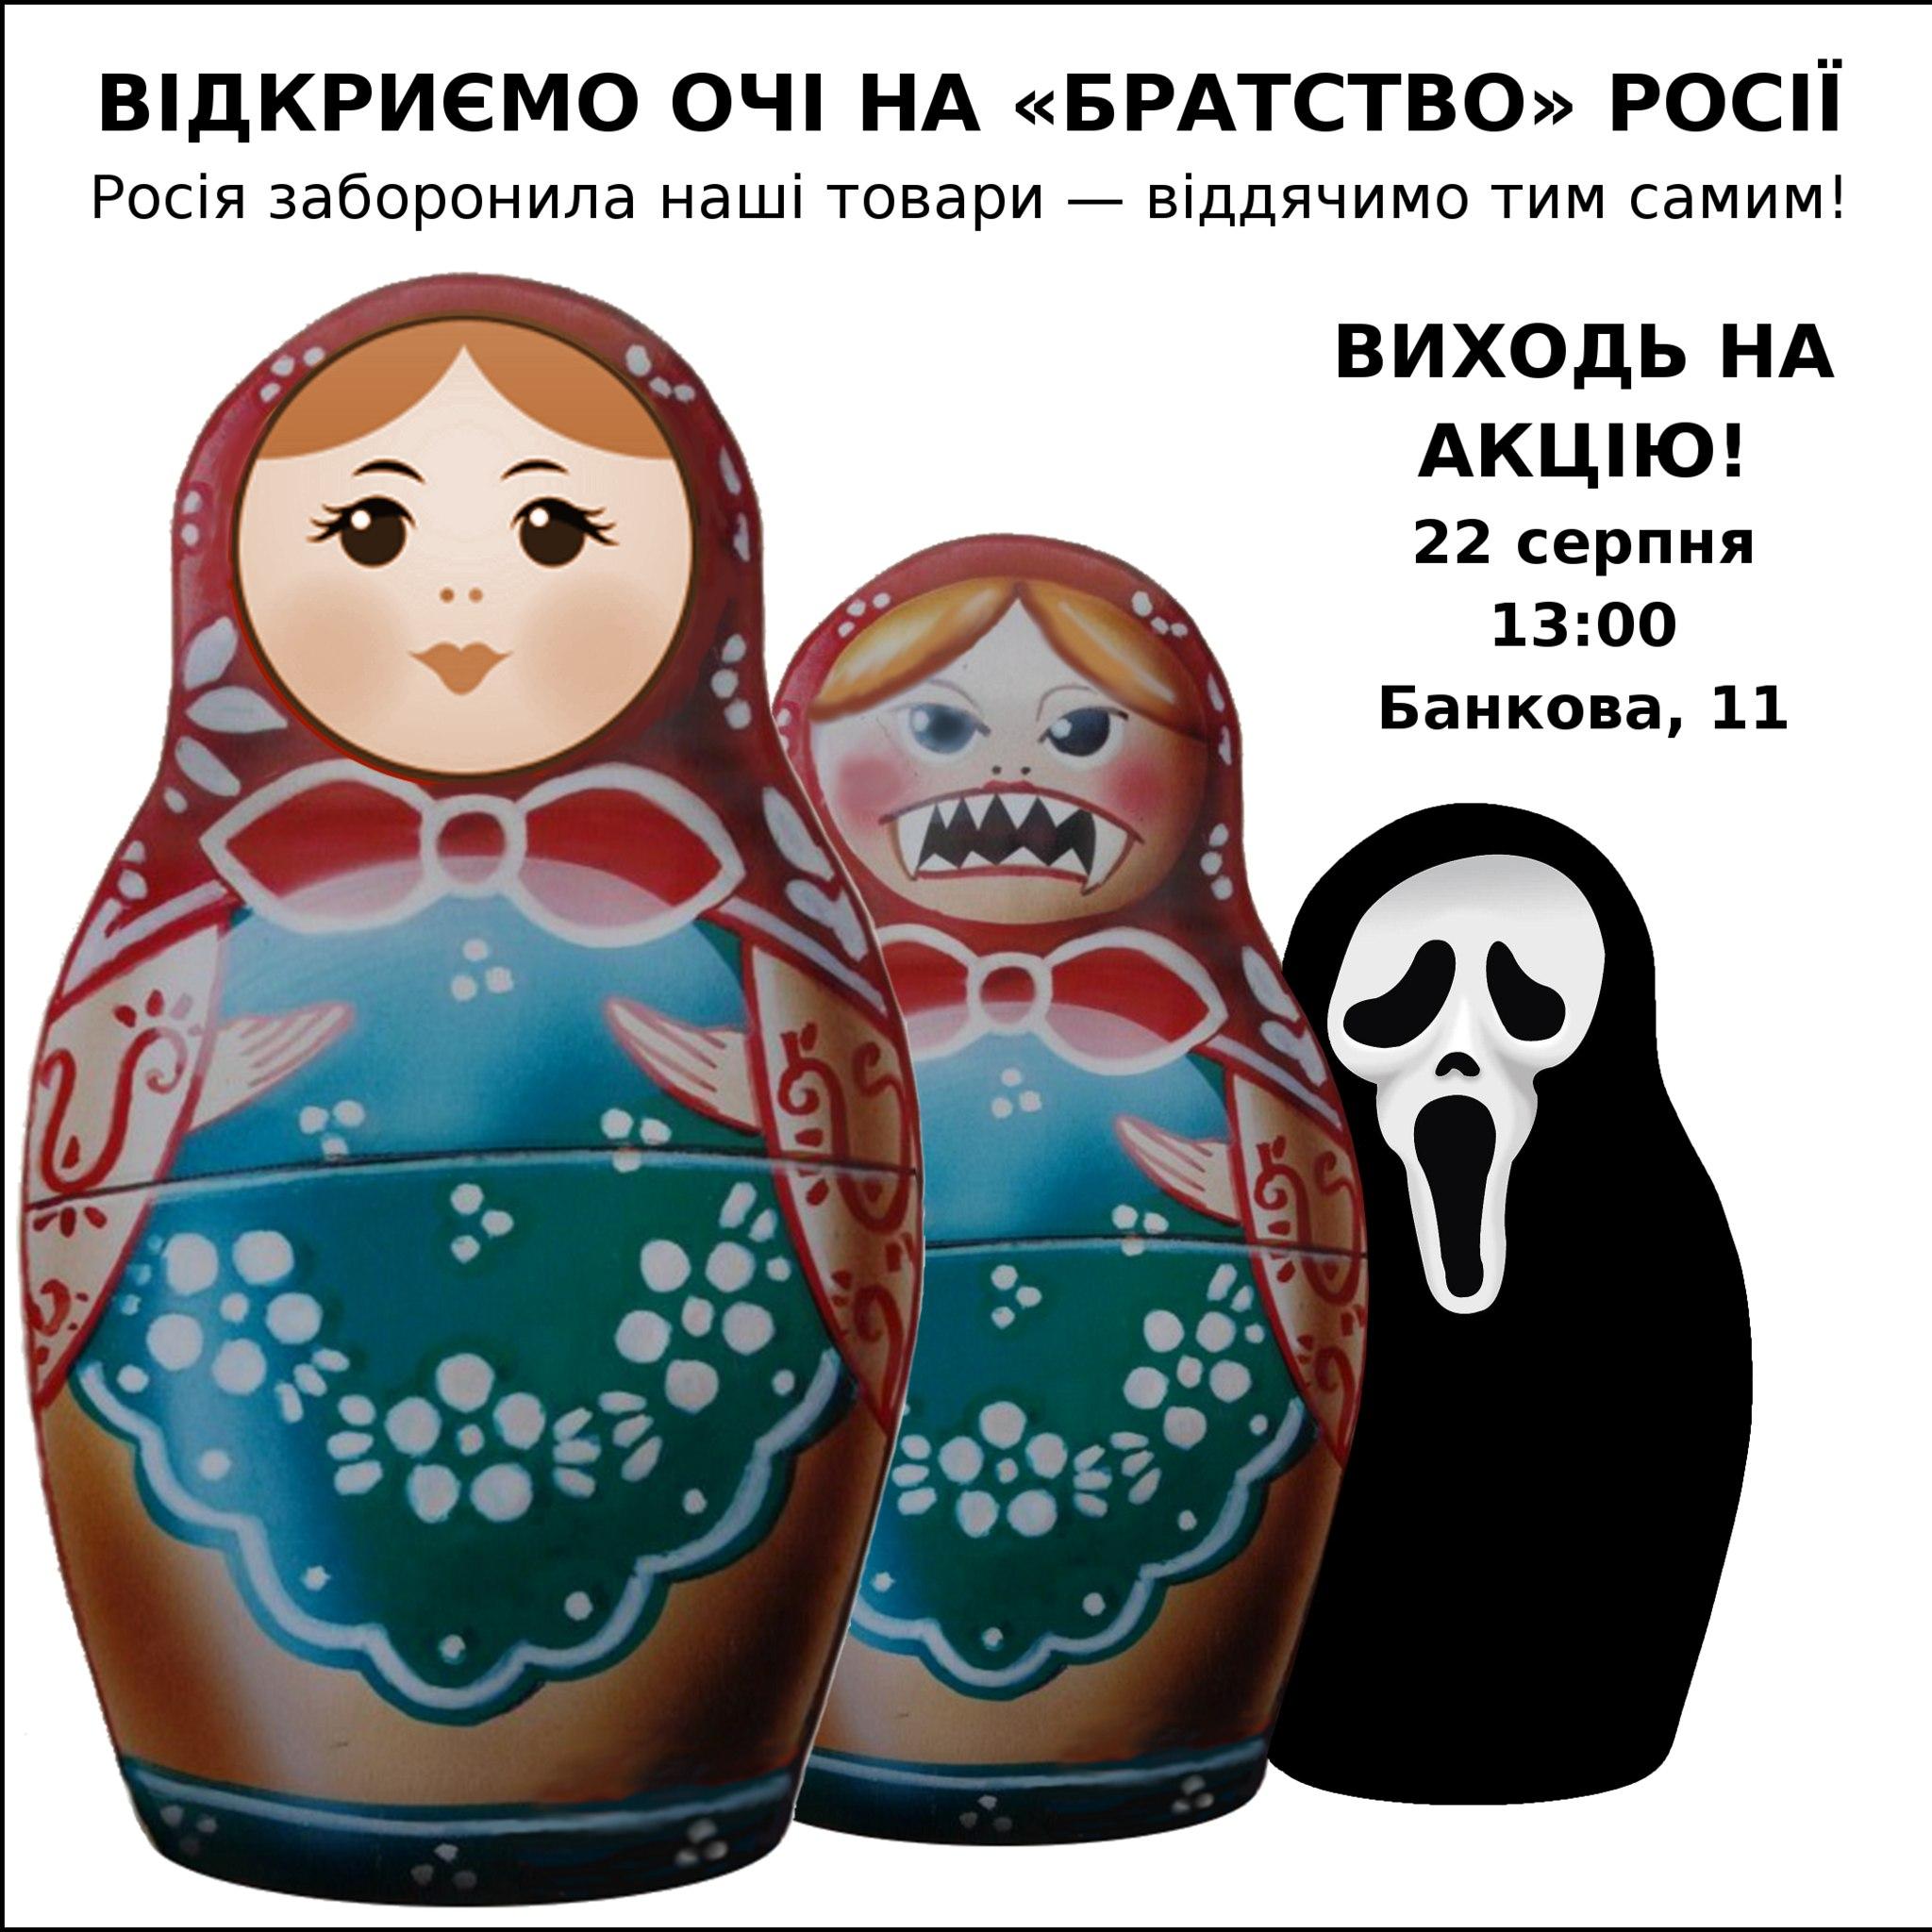 Советник Путина пугает постоянными таможенными проблемами для украинских товаров - Цензор.НЕТ 5592